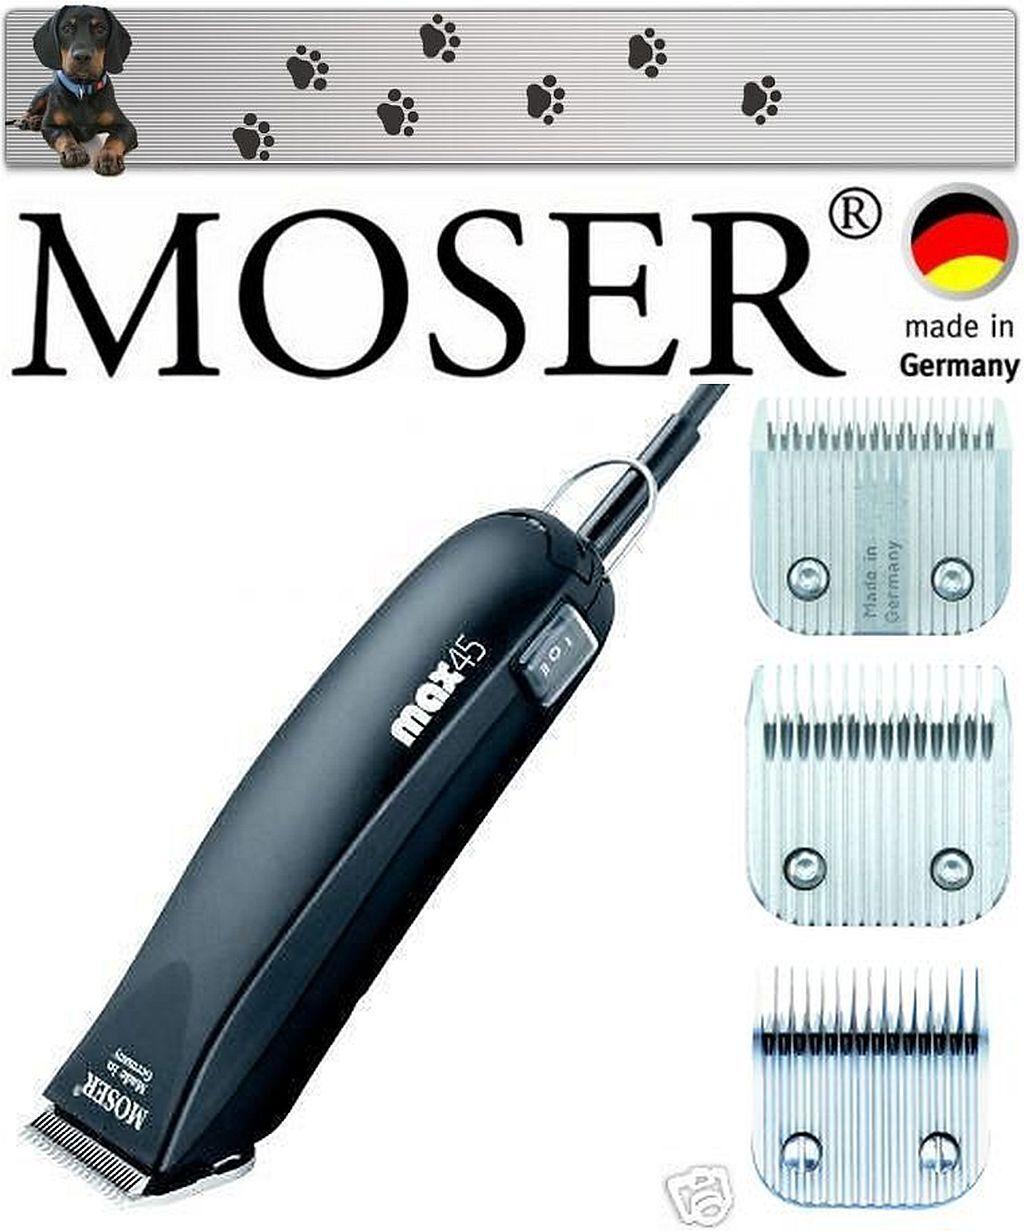 spedizione veloce a te Moser 1245+ 1245+ 1245+ +++ MAX 45 CANI TOSATRICE & 3 teste da taglio 1mm, 5mm, 7 mm  NUOVO   ti renderà soddisfatto